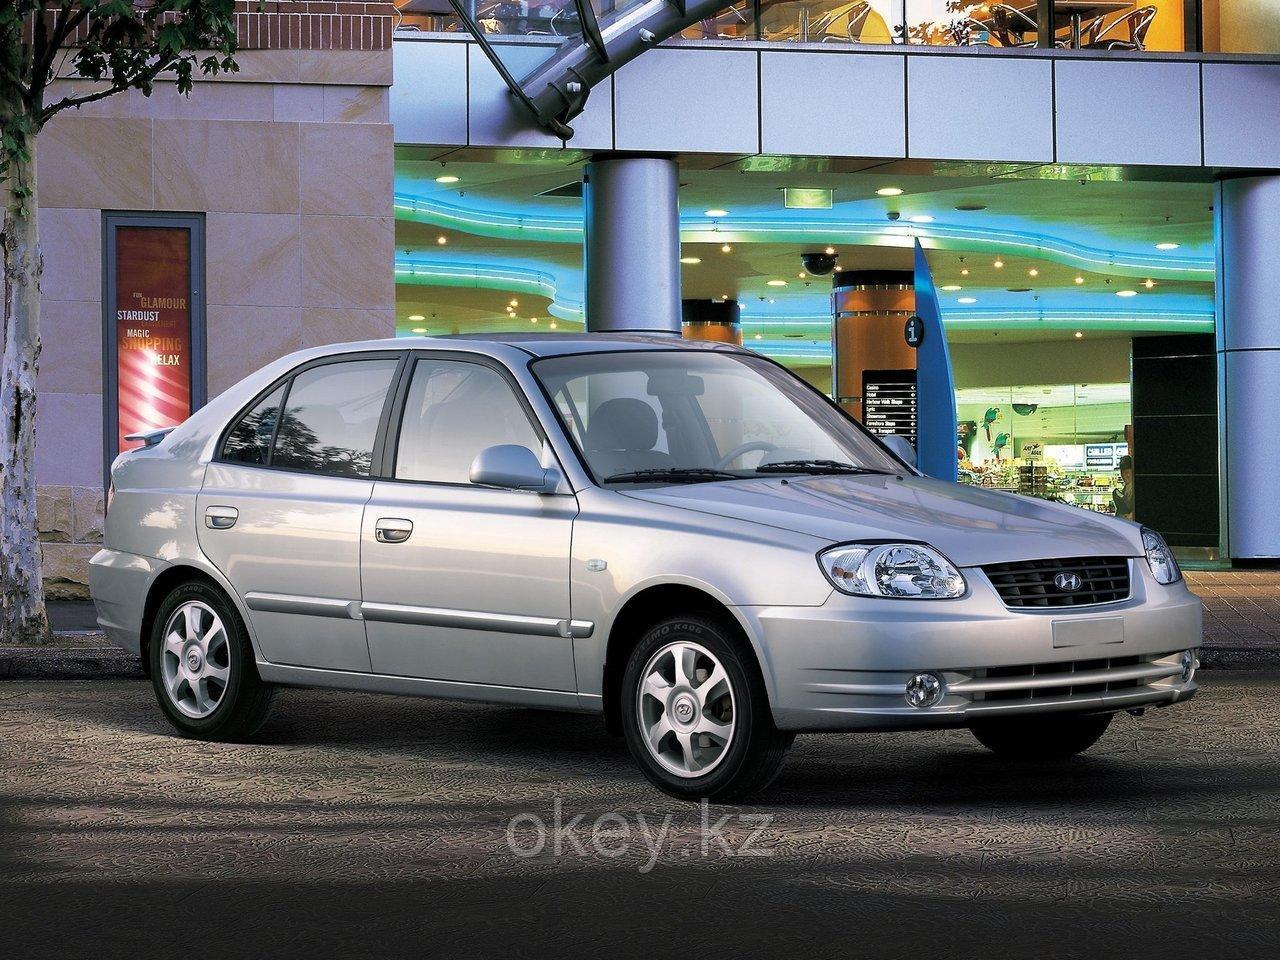 Тормозные колодки Kötl 3331KT для Hyundai Accent II хэтчбек (LC) 1.6, 2002-2005 года выпуска.